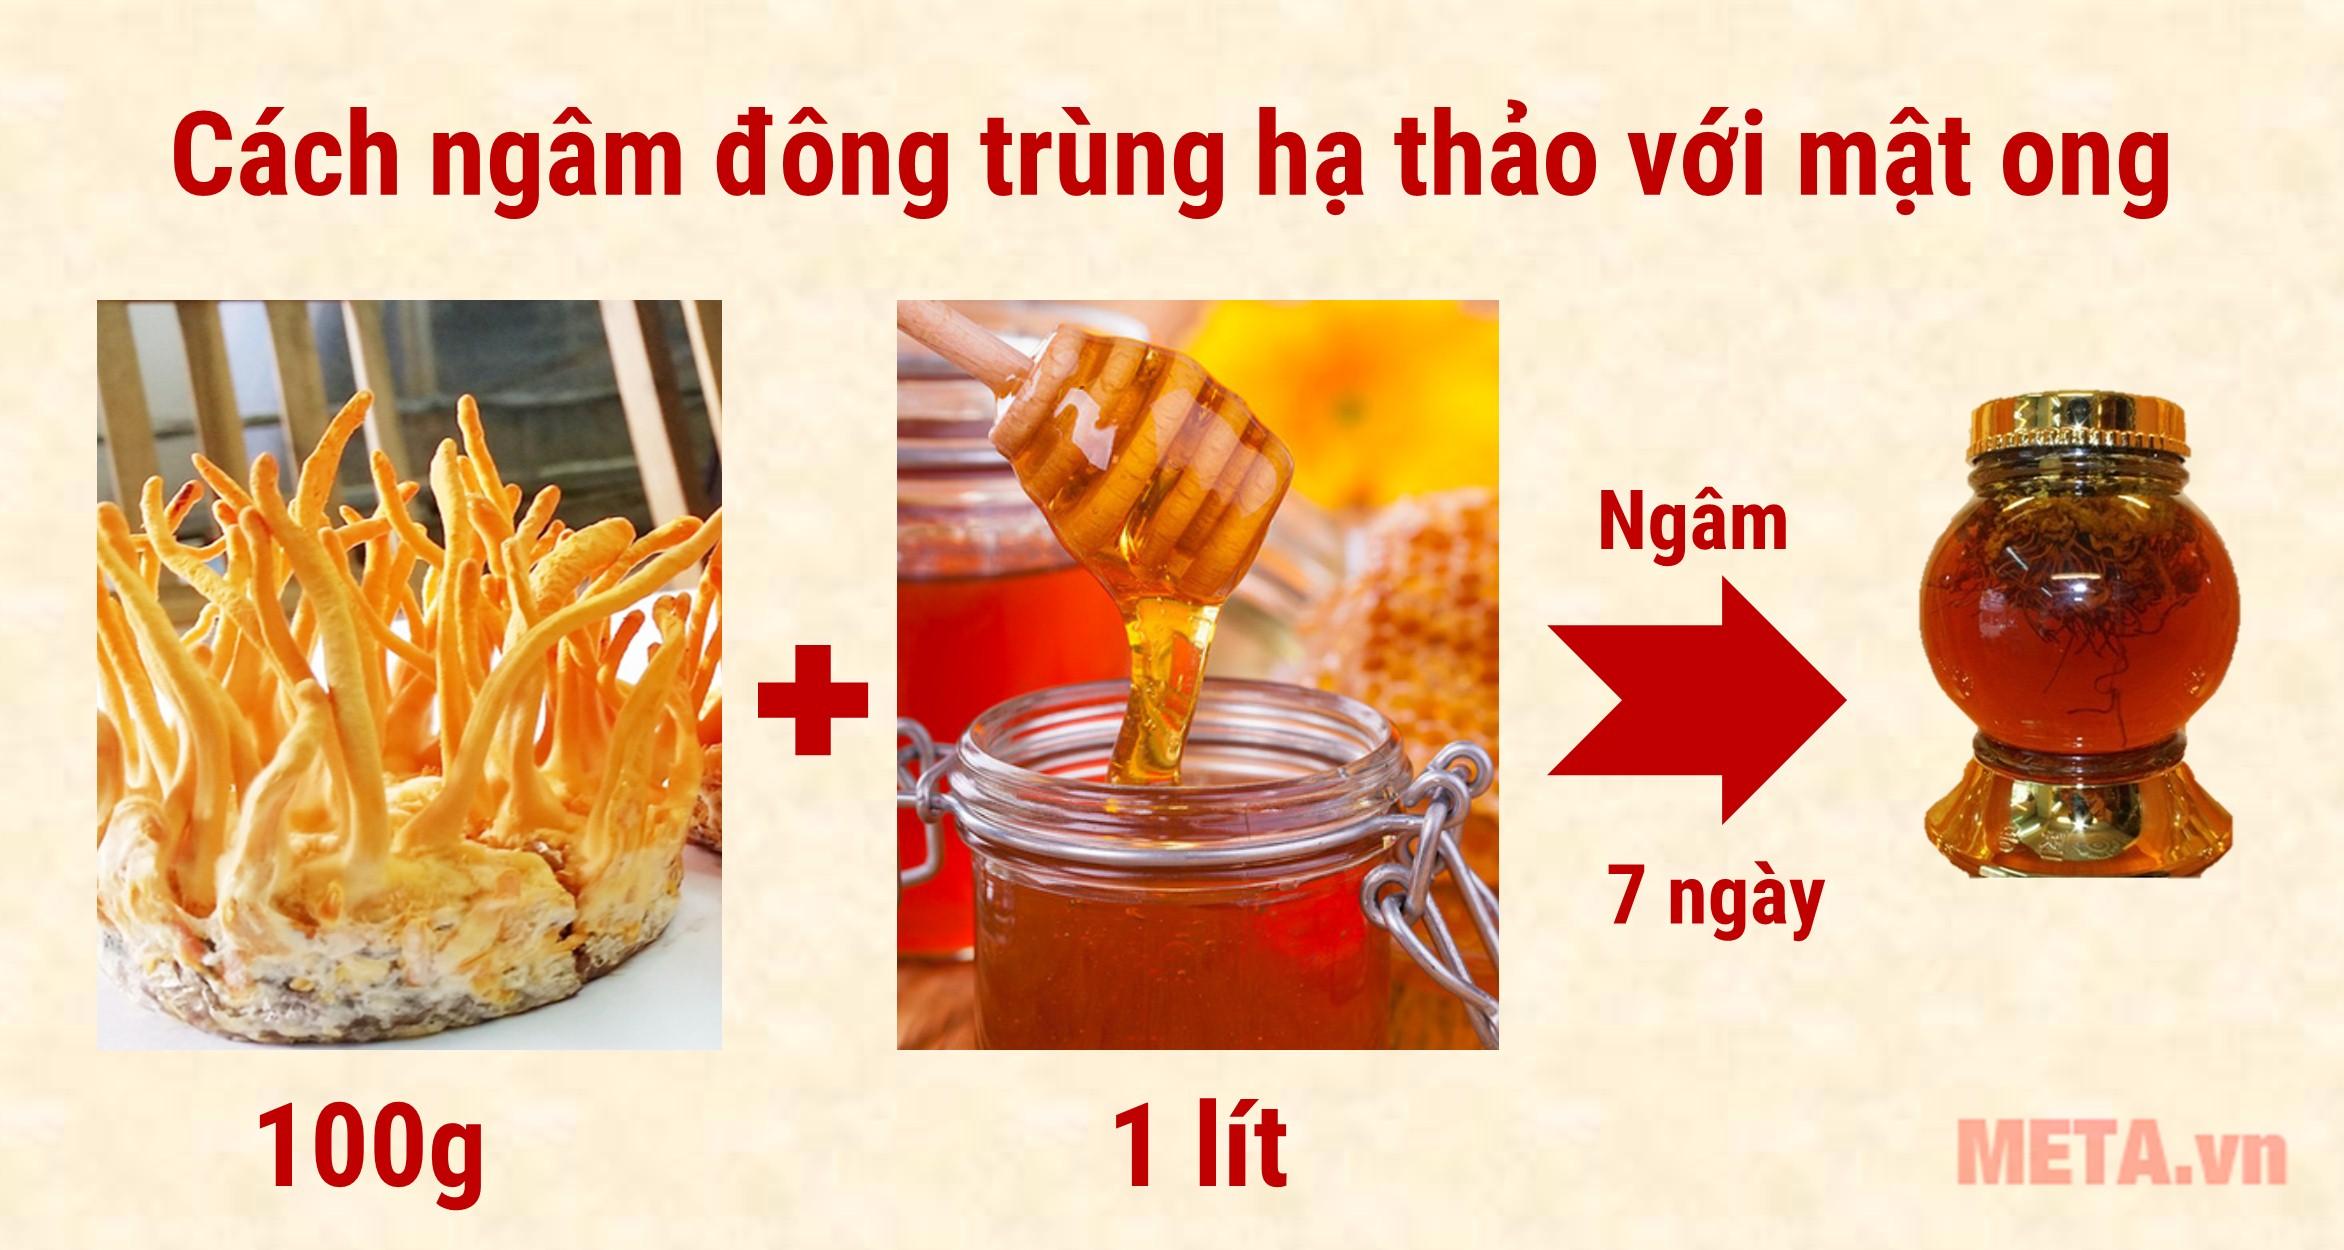 Cách ngâm mật ong đông trùng hạ thảo